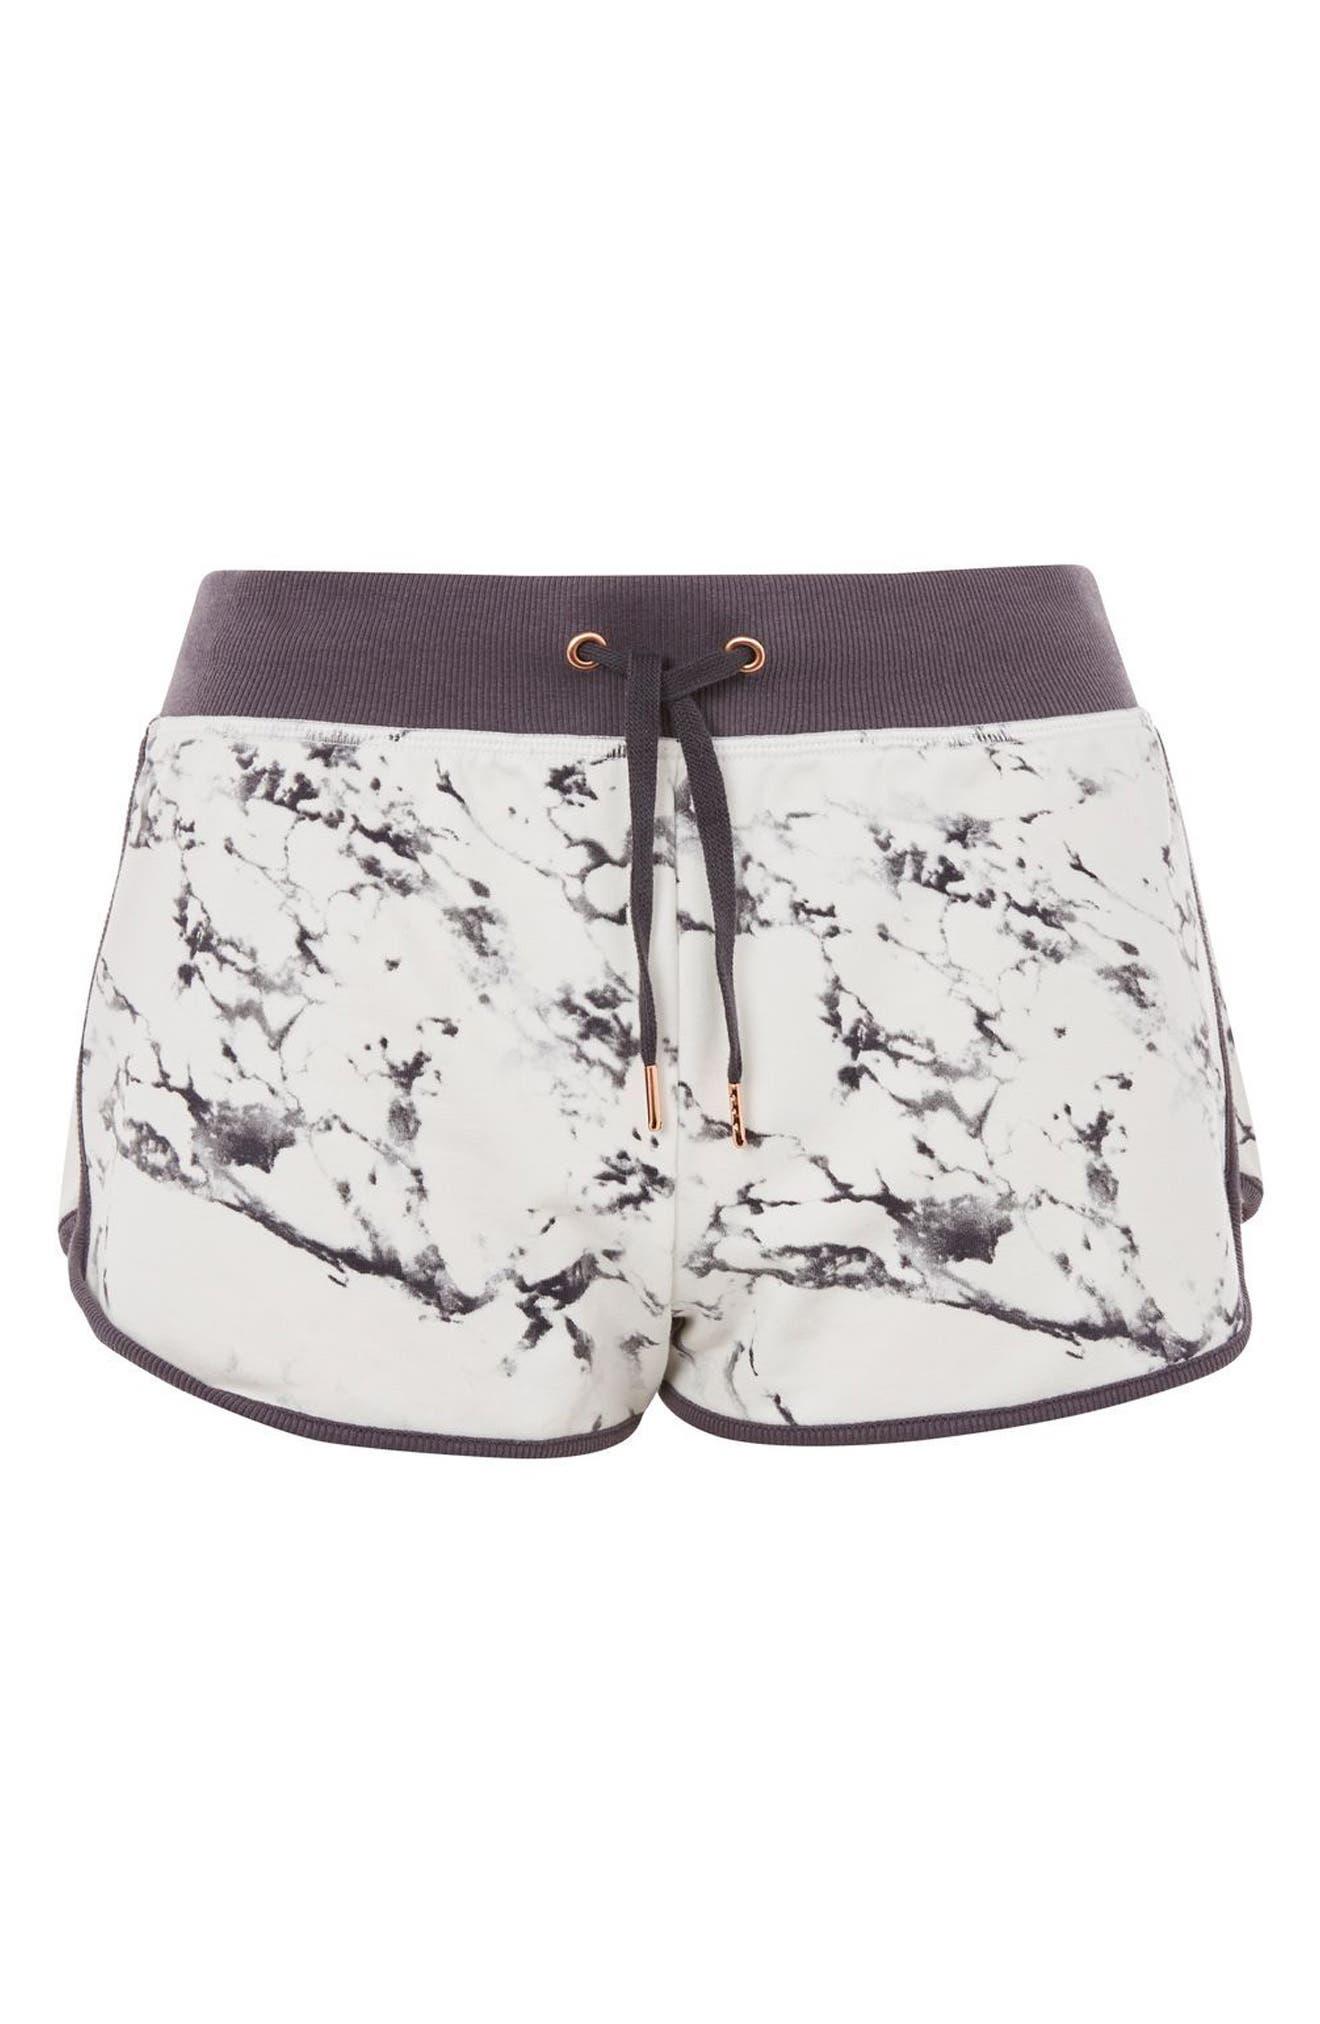 Topshop Marble Print Shorts